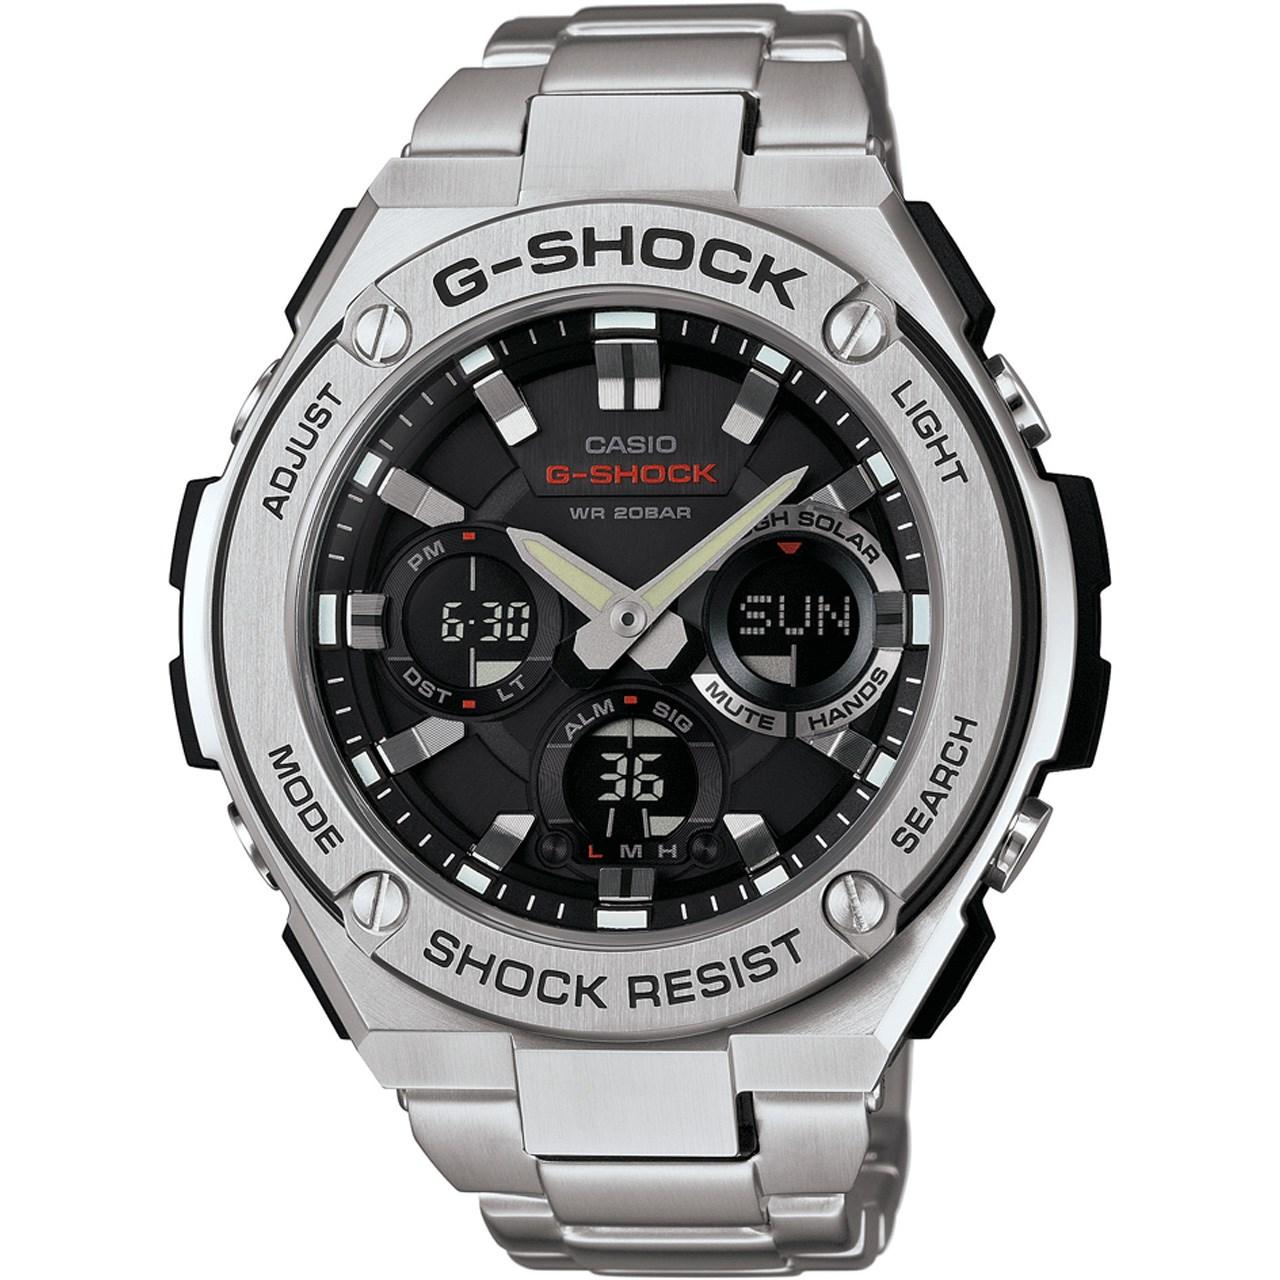 ساعت مچی عقربه ای مردانه کاسیو مدل GST-S110D-1ADR